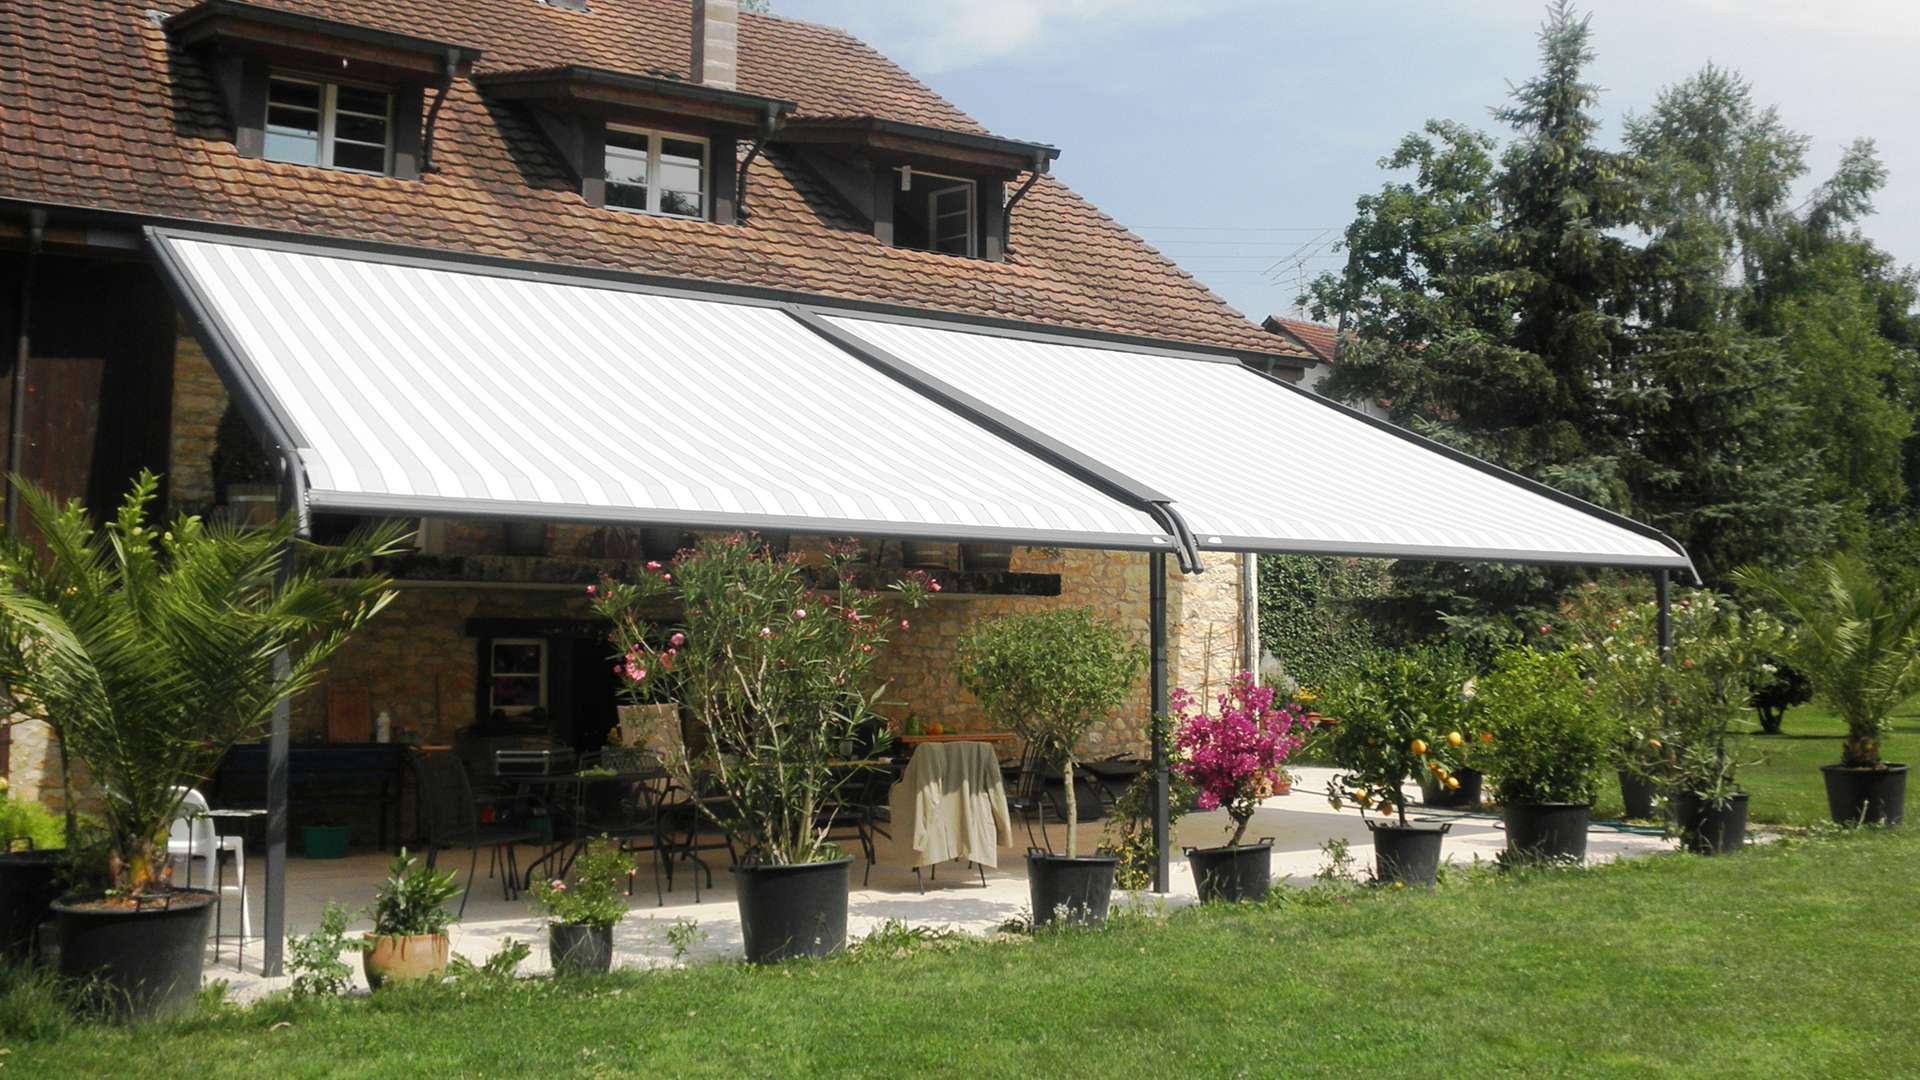 Wohnhaus mit zwei gestreiften Markisen über der Terrase